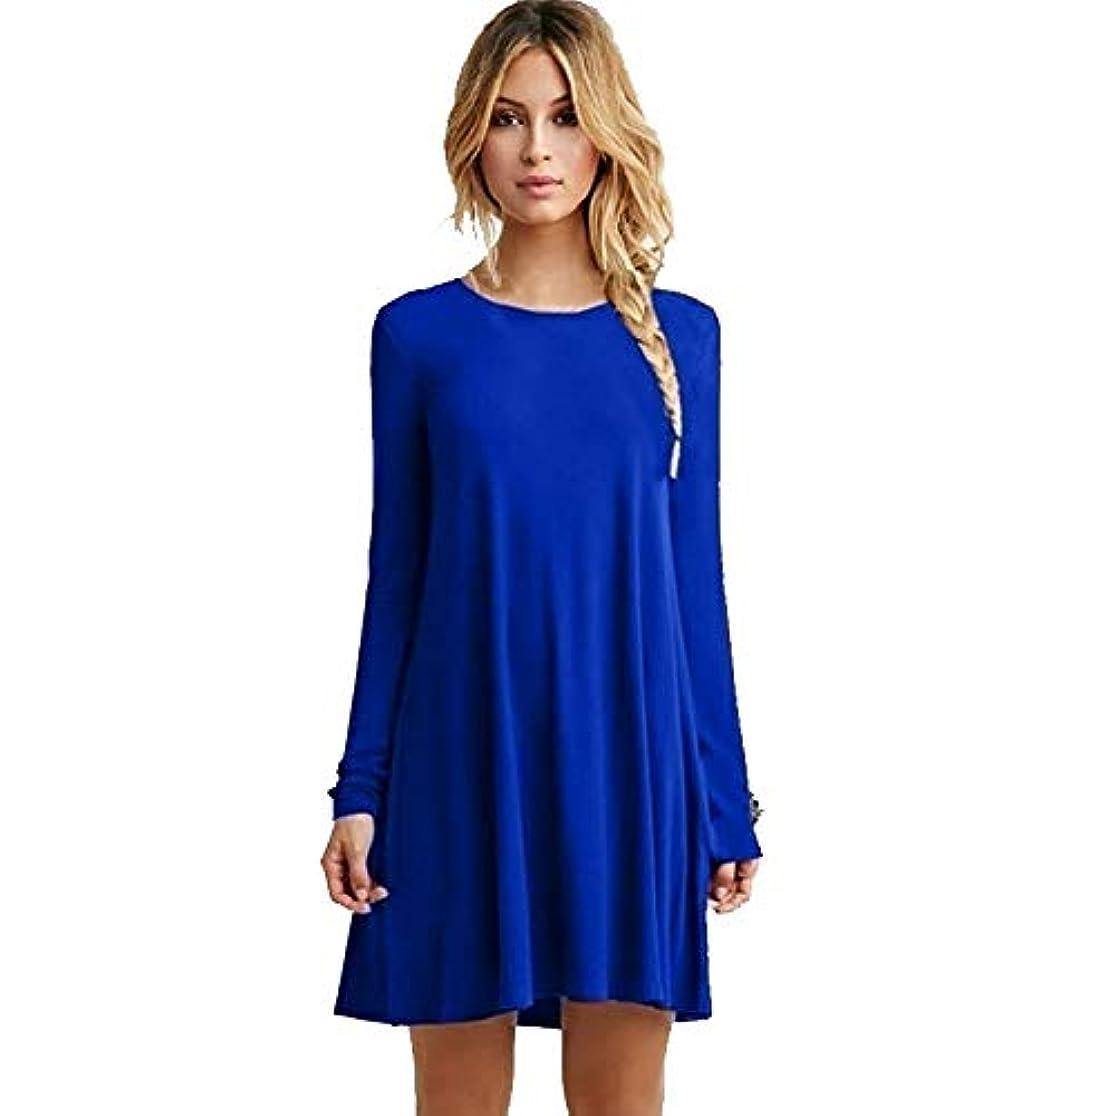 クラフトストッキング禁輸MIFANルースドレス、プラスサイズのドレス、長袖のドレス、女性のドレス、秋のドレス、マキシドレス、コットンドレス